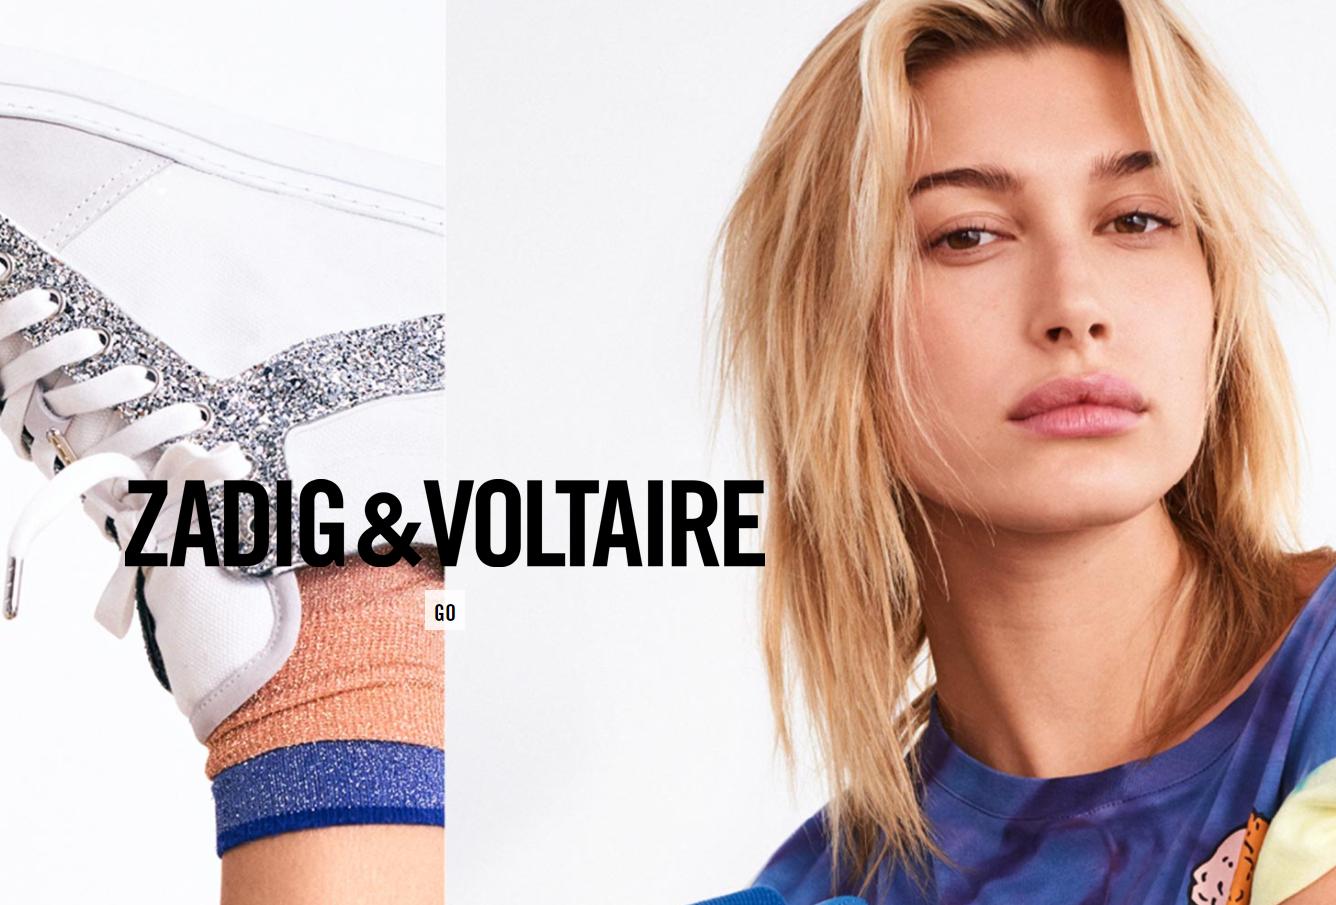 法国时尚品牌 Zadig&Voltaire 计划寻求新的投资者,或将在五年后考虑 IPO